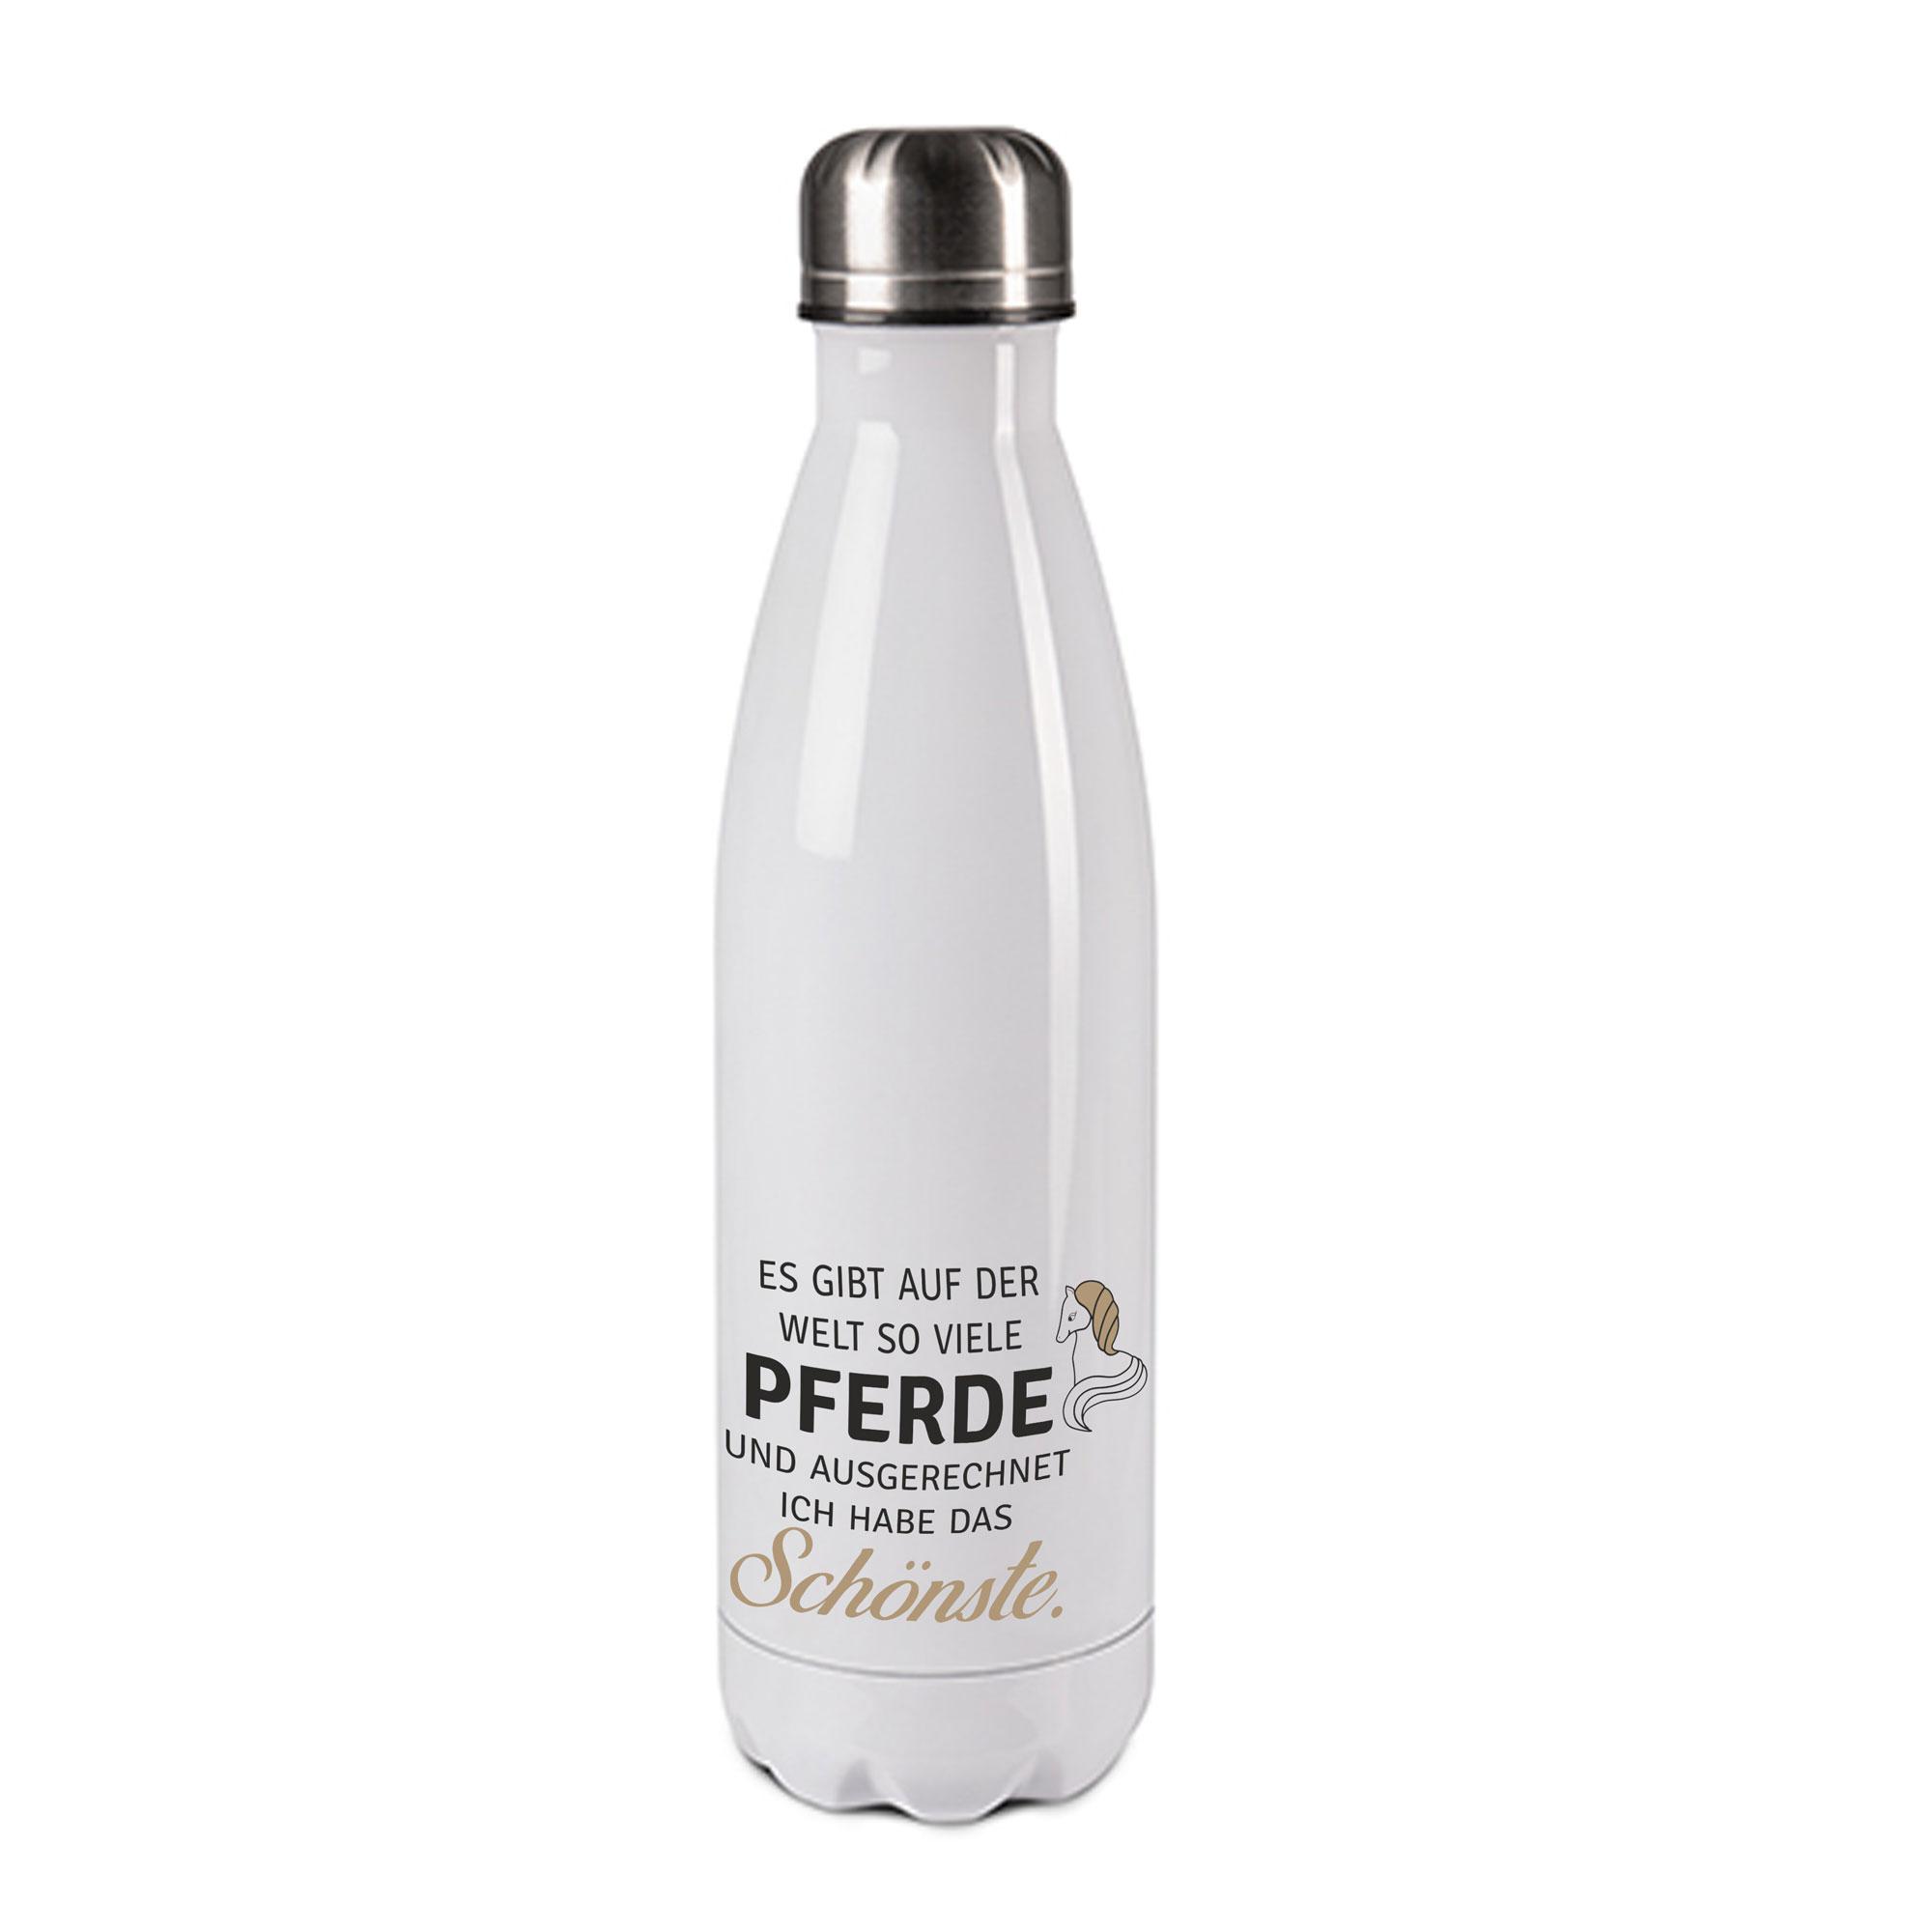 Edelstahl-Thermosflasche weiß/weiß mit Druck: ES GIBT AUF DER WELT SO VIELE PFERDE UND AUSGERECHNET ICH HABE DAS SCHÖNSTE